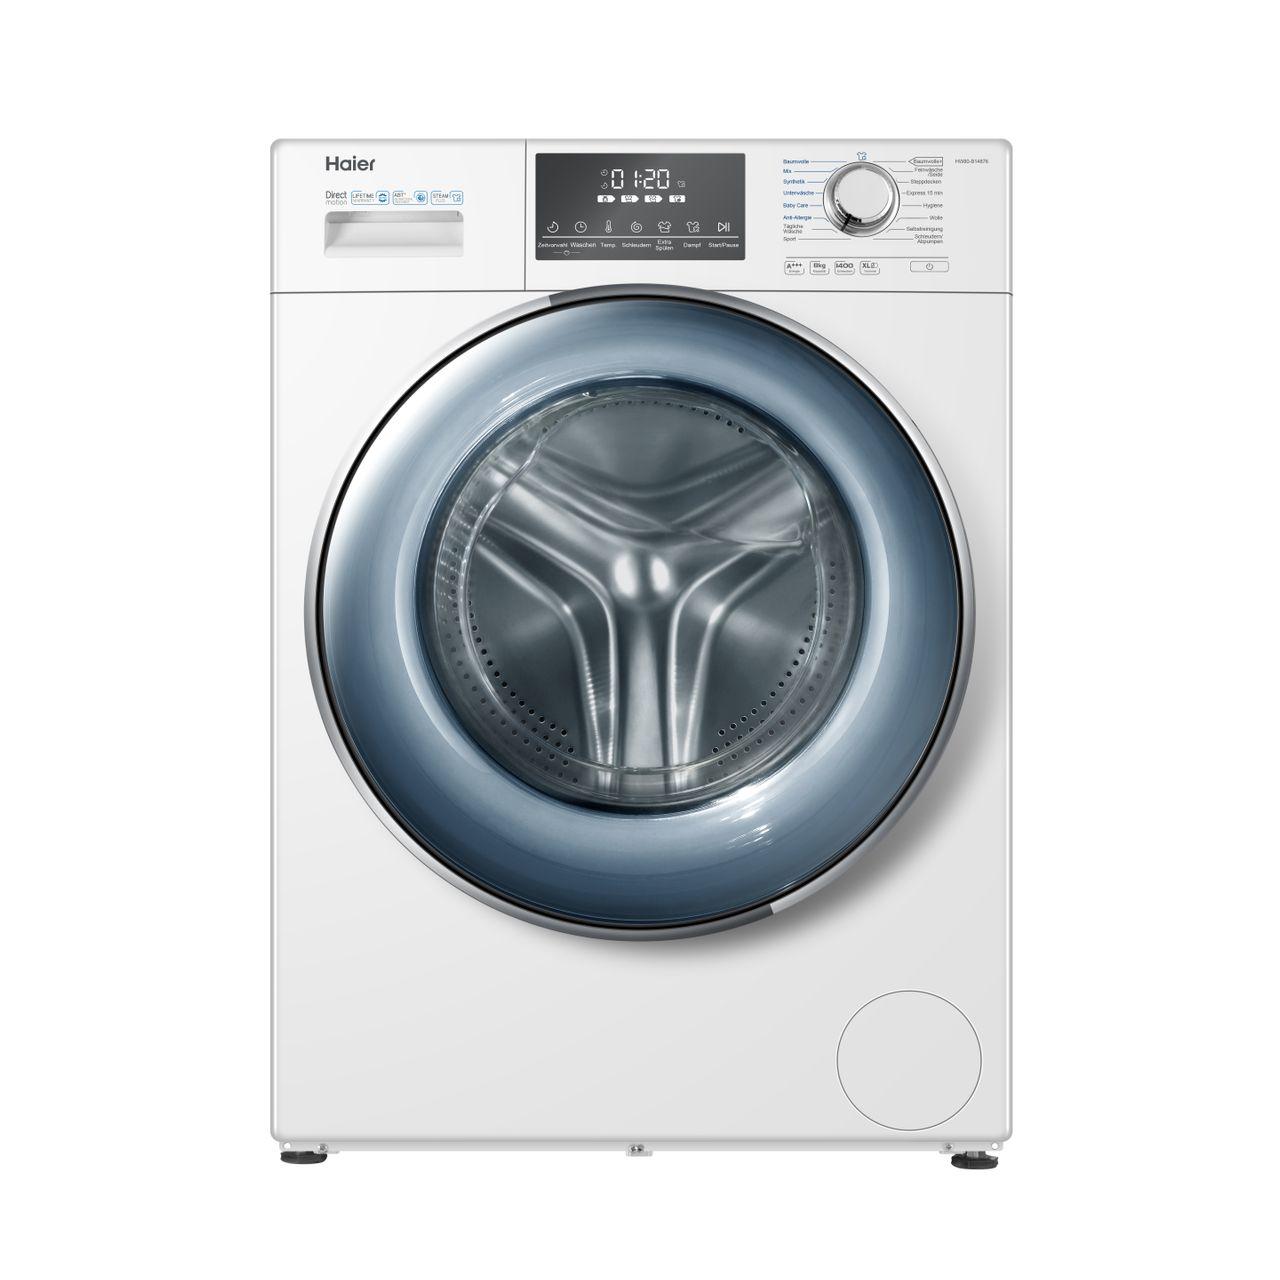 Waschmaschine Haier Hw80 B14876 Dampffunktion 8 Kg Kapazitat Ao De